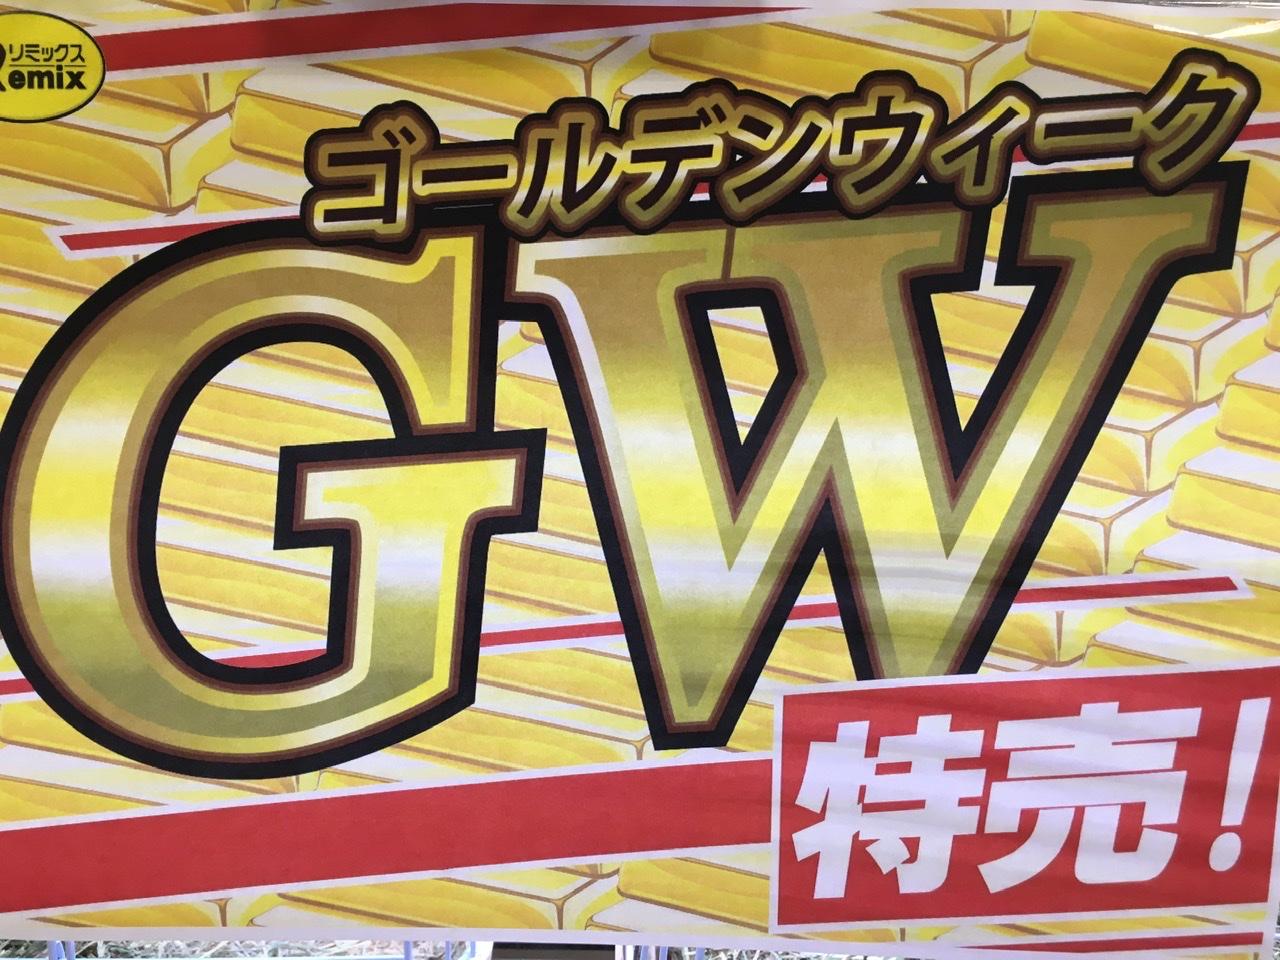 【インター小動物】激アツ&激盛り!!GW特売始まります🌟